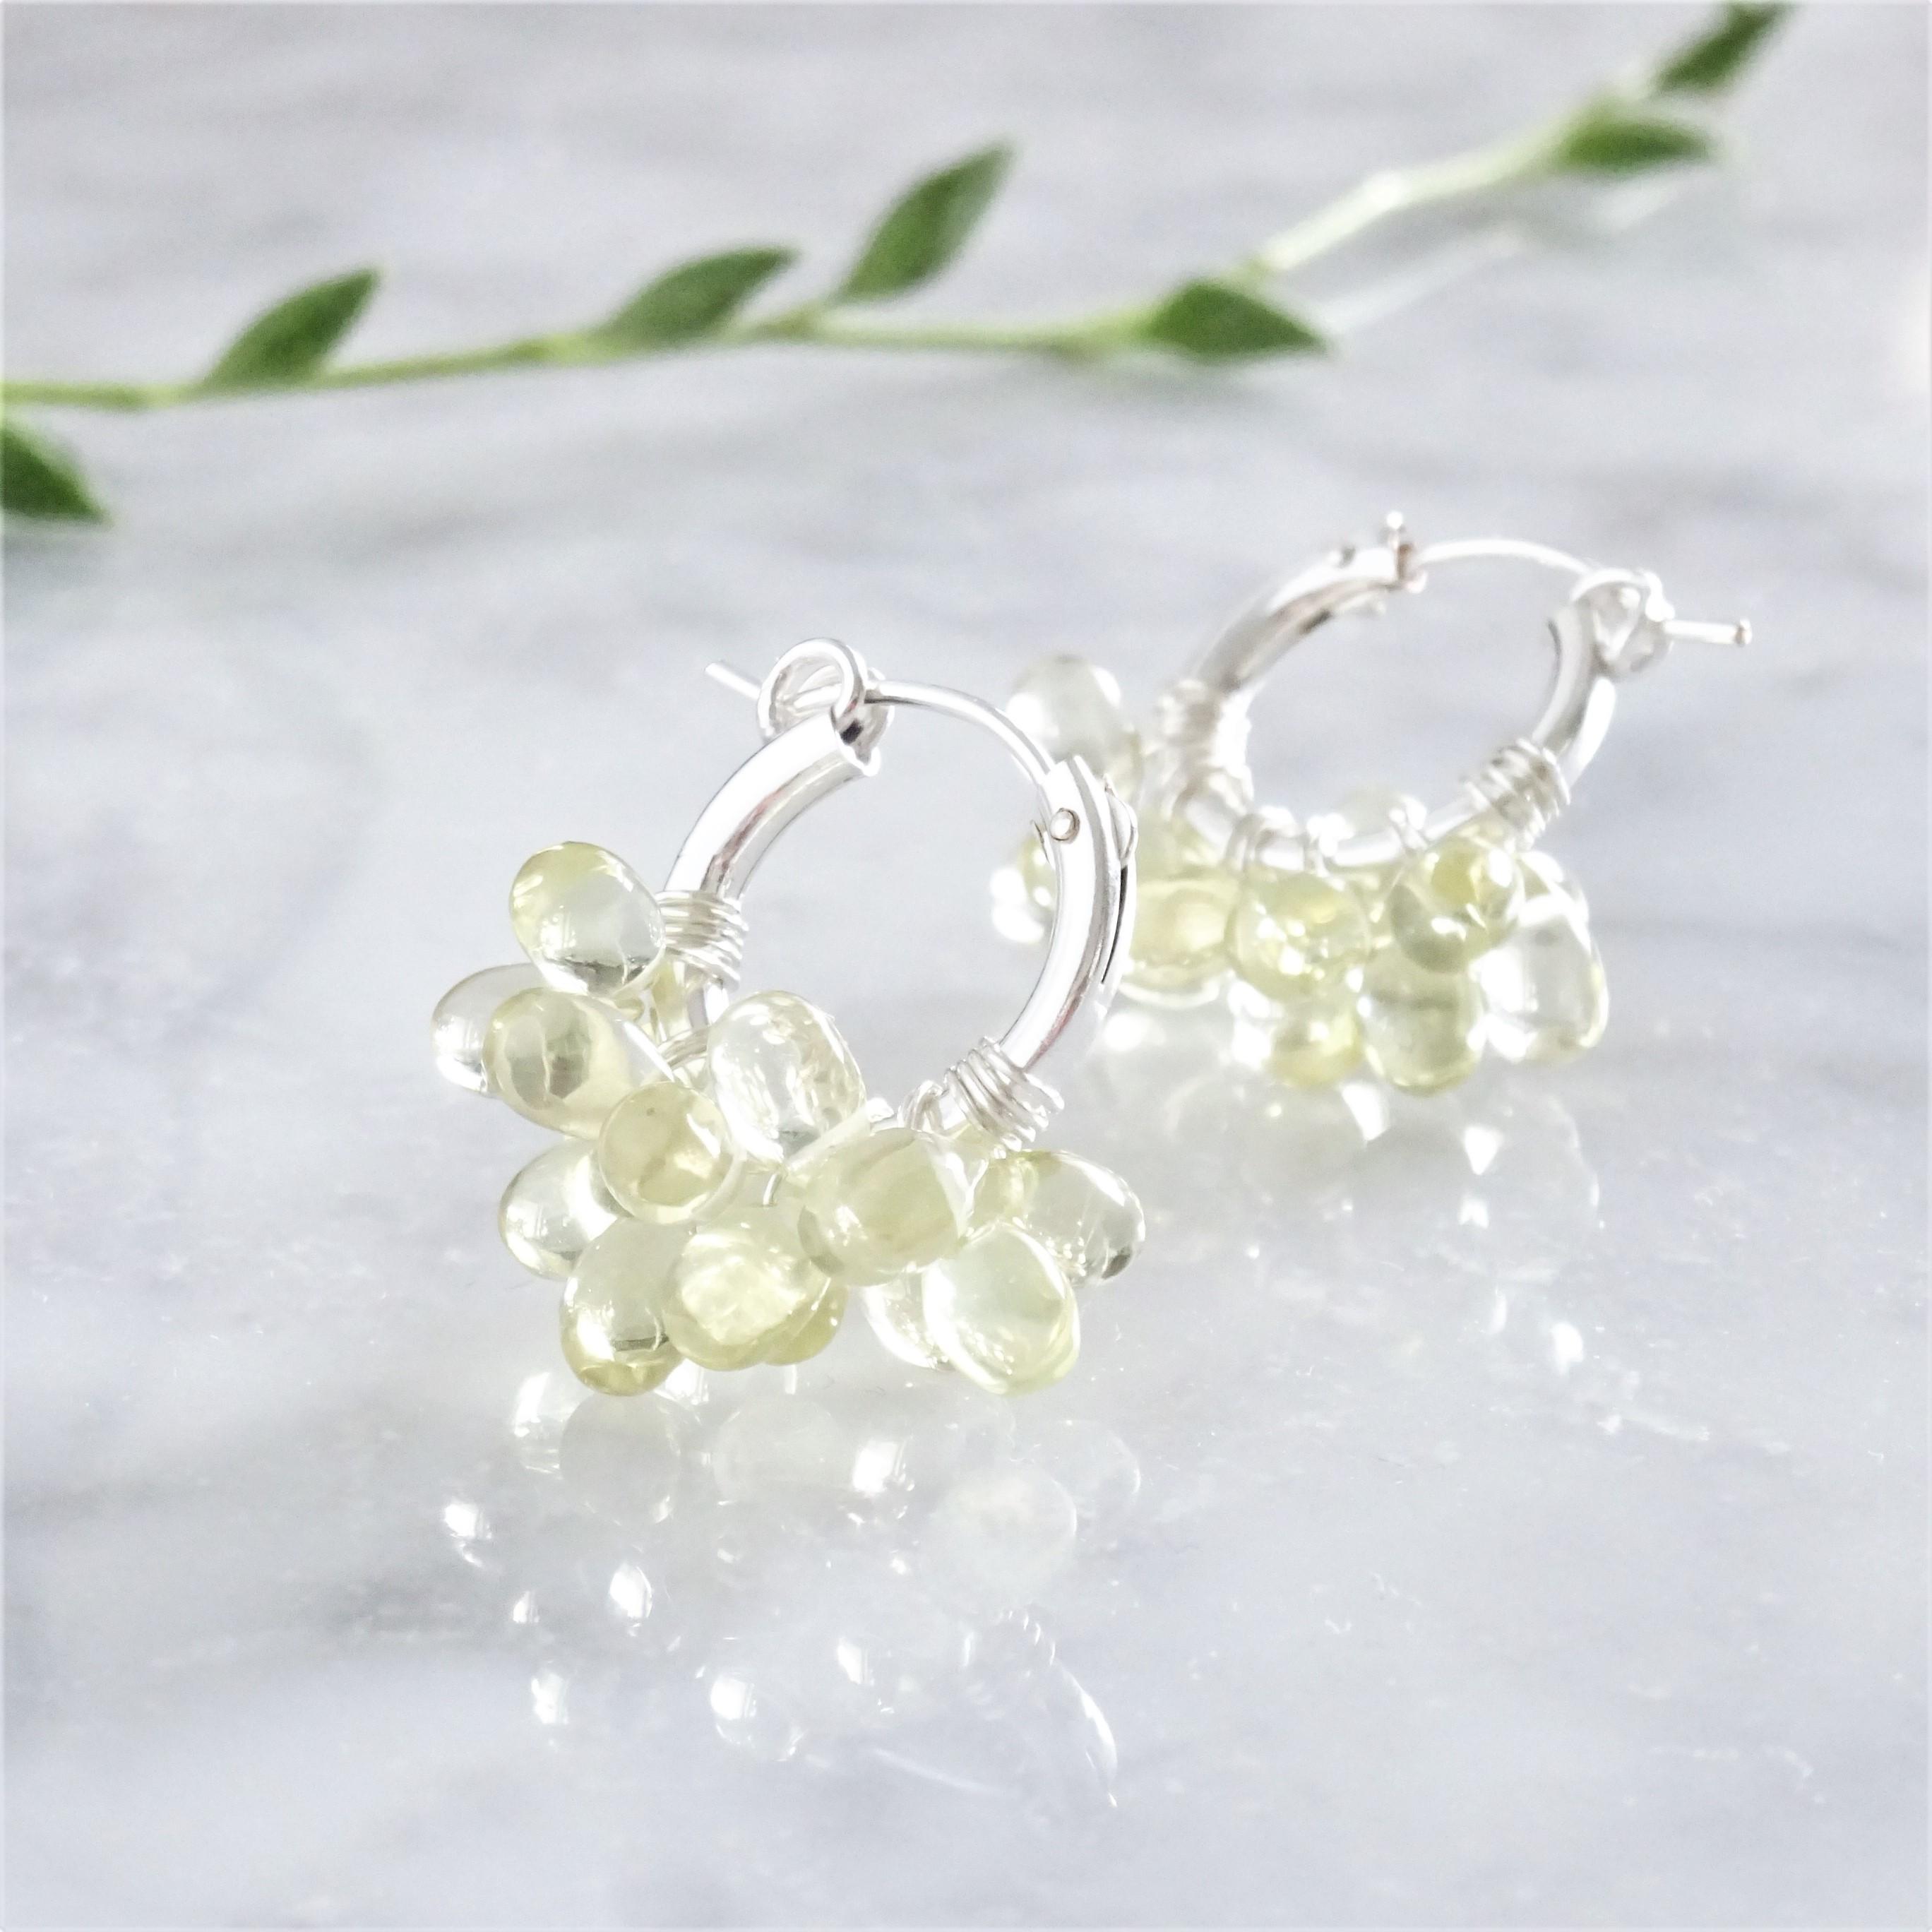 指原莉乃さん着用SV925 SF宝石質Lemon Quartz*wrapped hoop pierced earring / earring